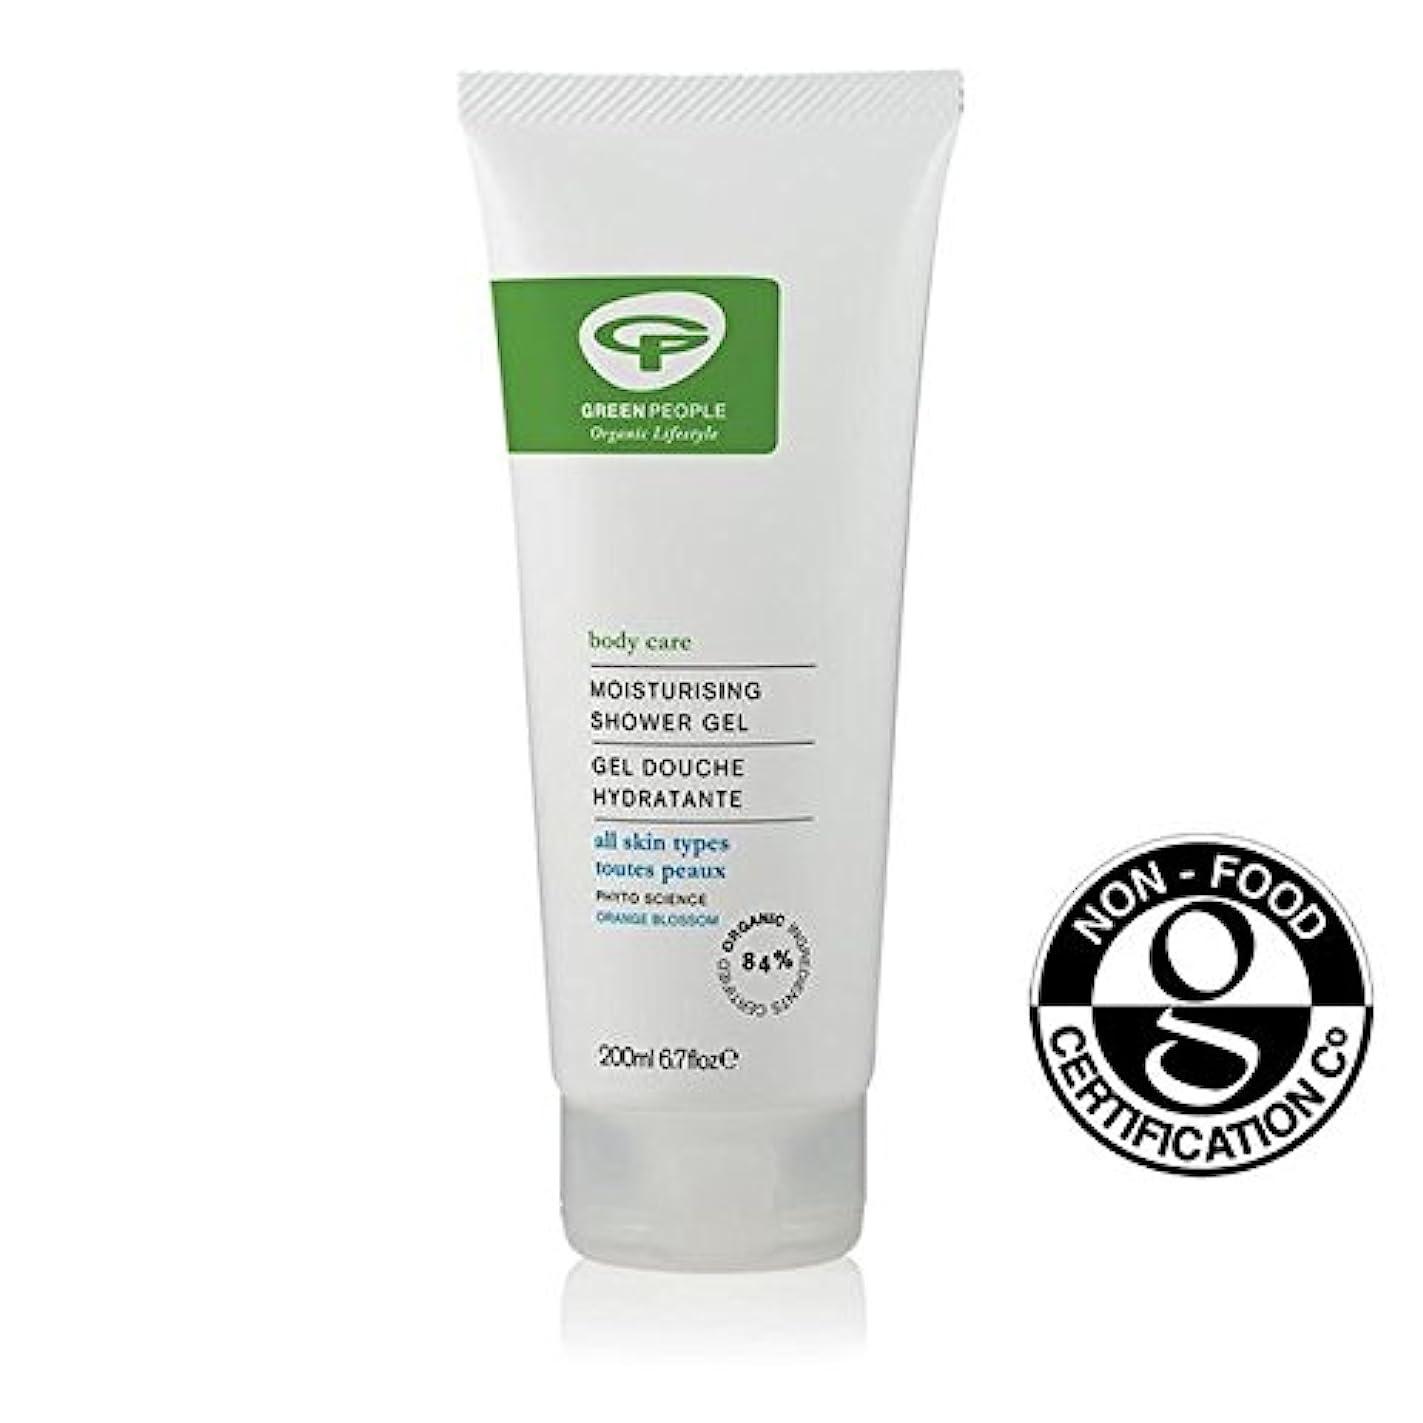 シーサイド解明食用緑の人々の有機保湿シャワージェル200 x2 - Green People Organic Moisturising Shower Gel 200ml (Pack of 2) [並行輸入品]